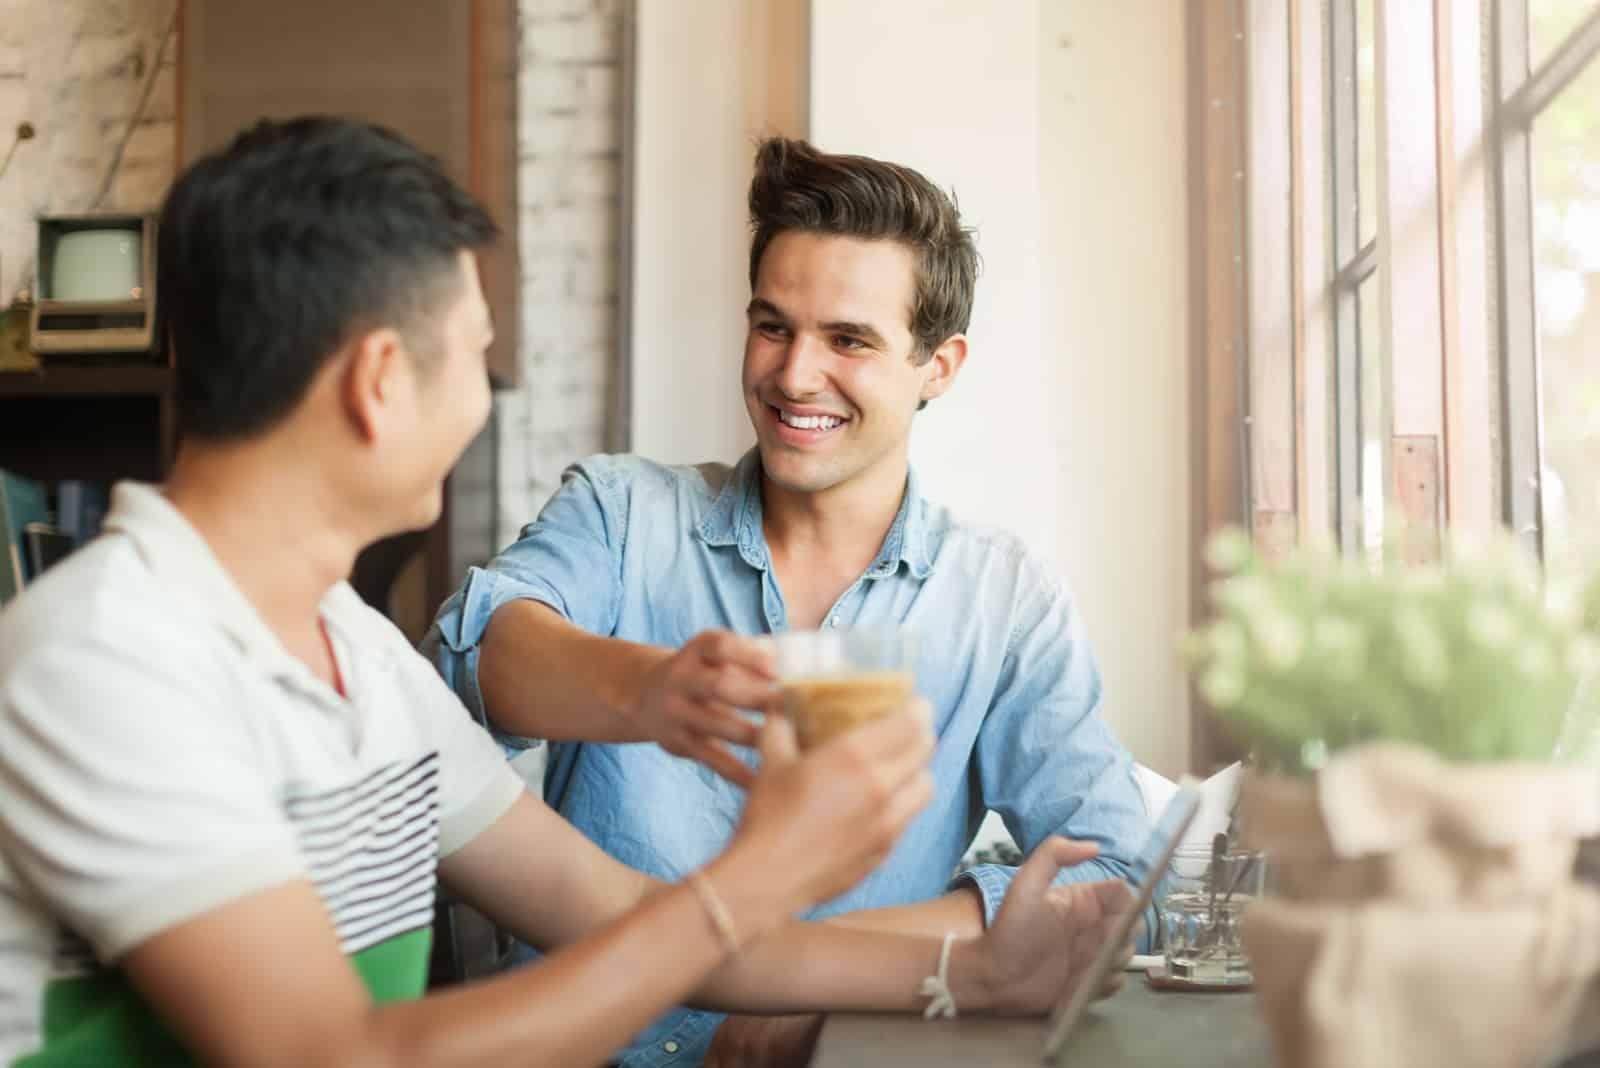 deux amis sont assis dans un café et boivent du café